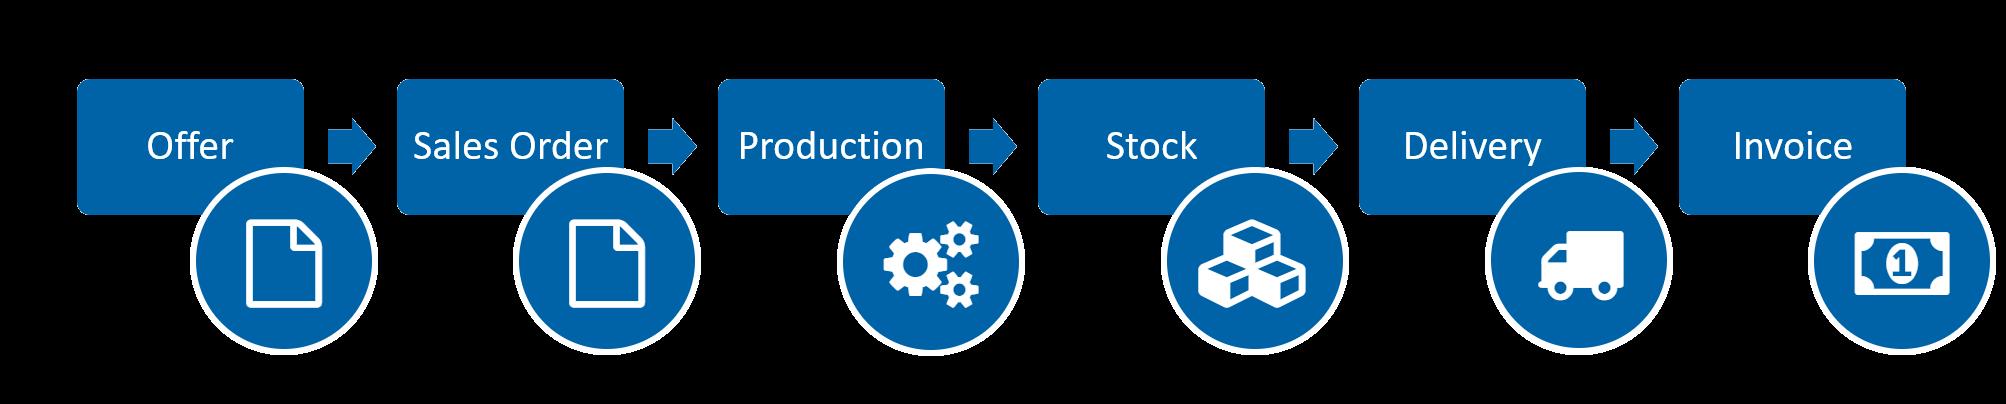 销售流程 - 线型